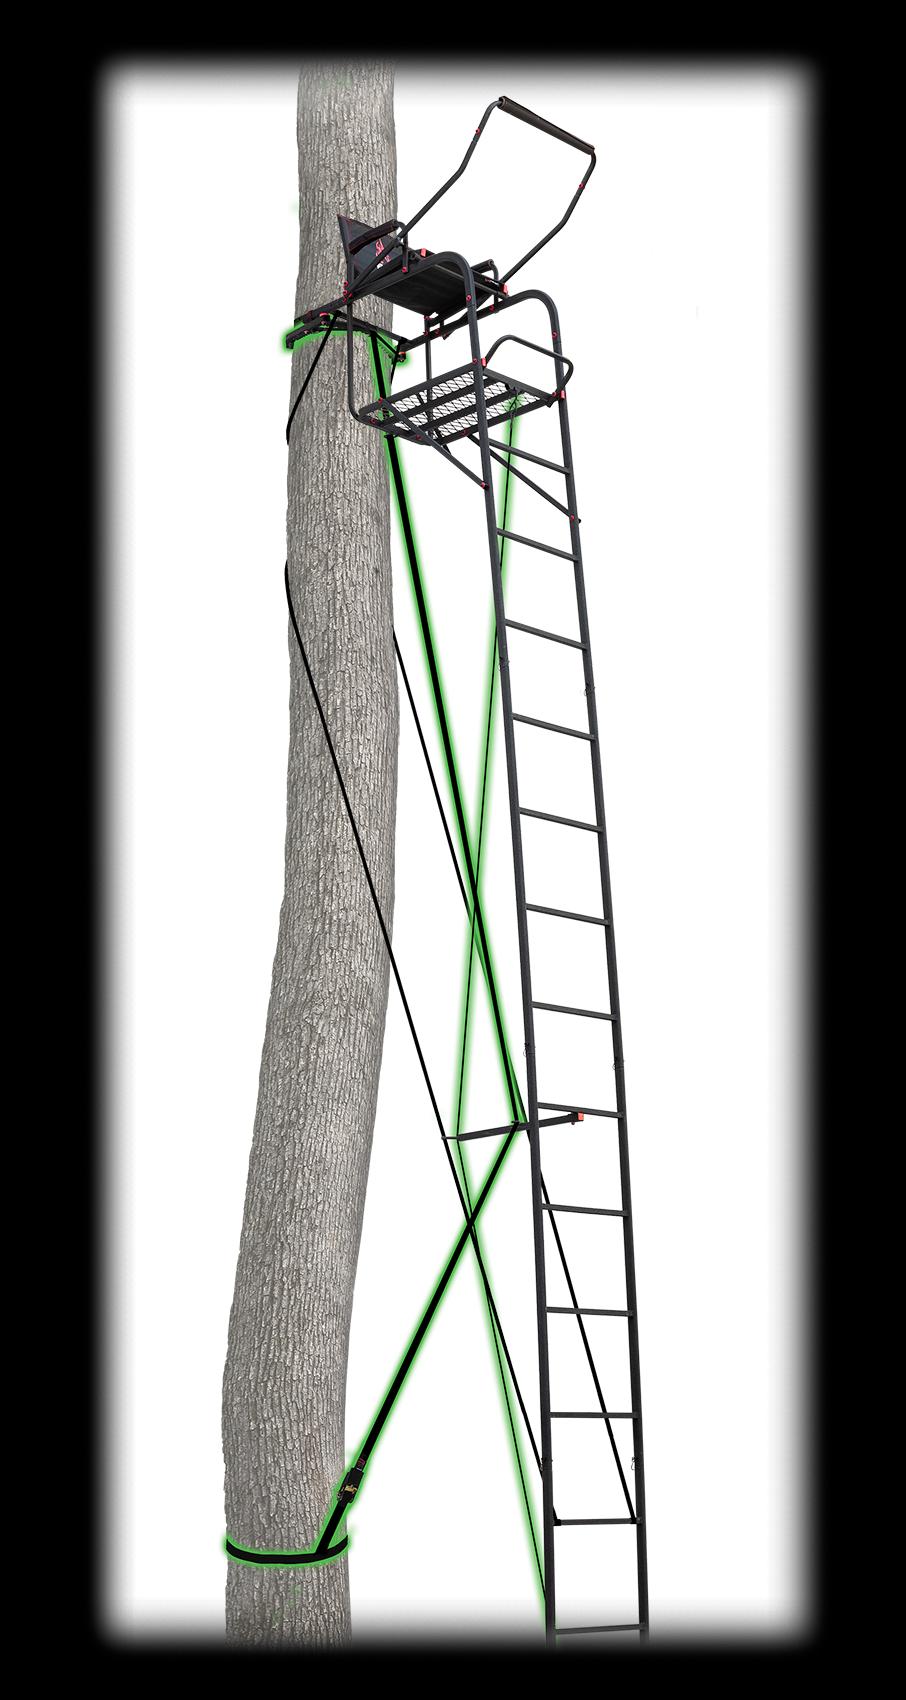 22 Deluxe Ladderstand Primal Treestands